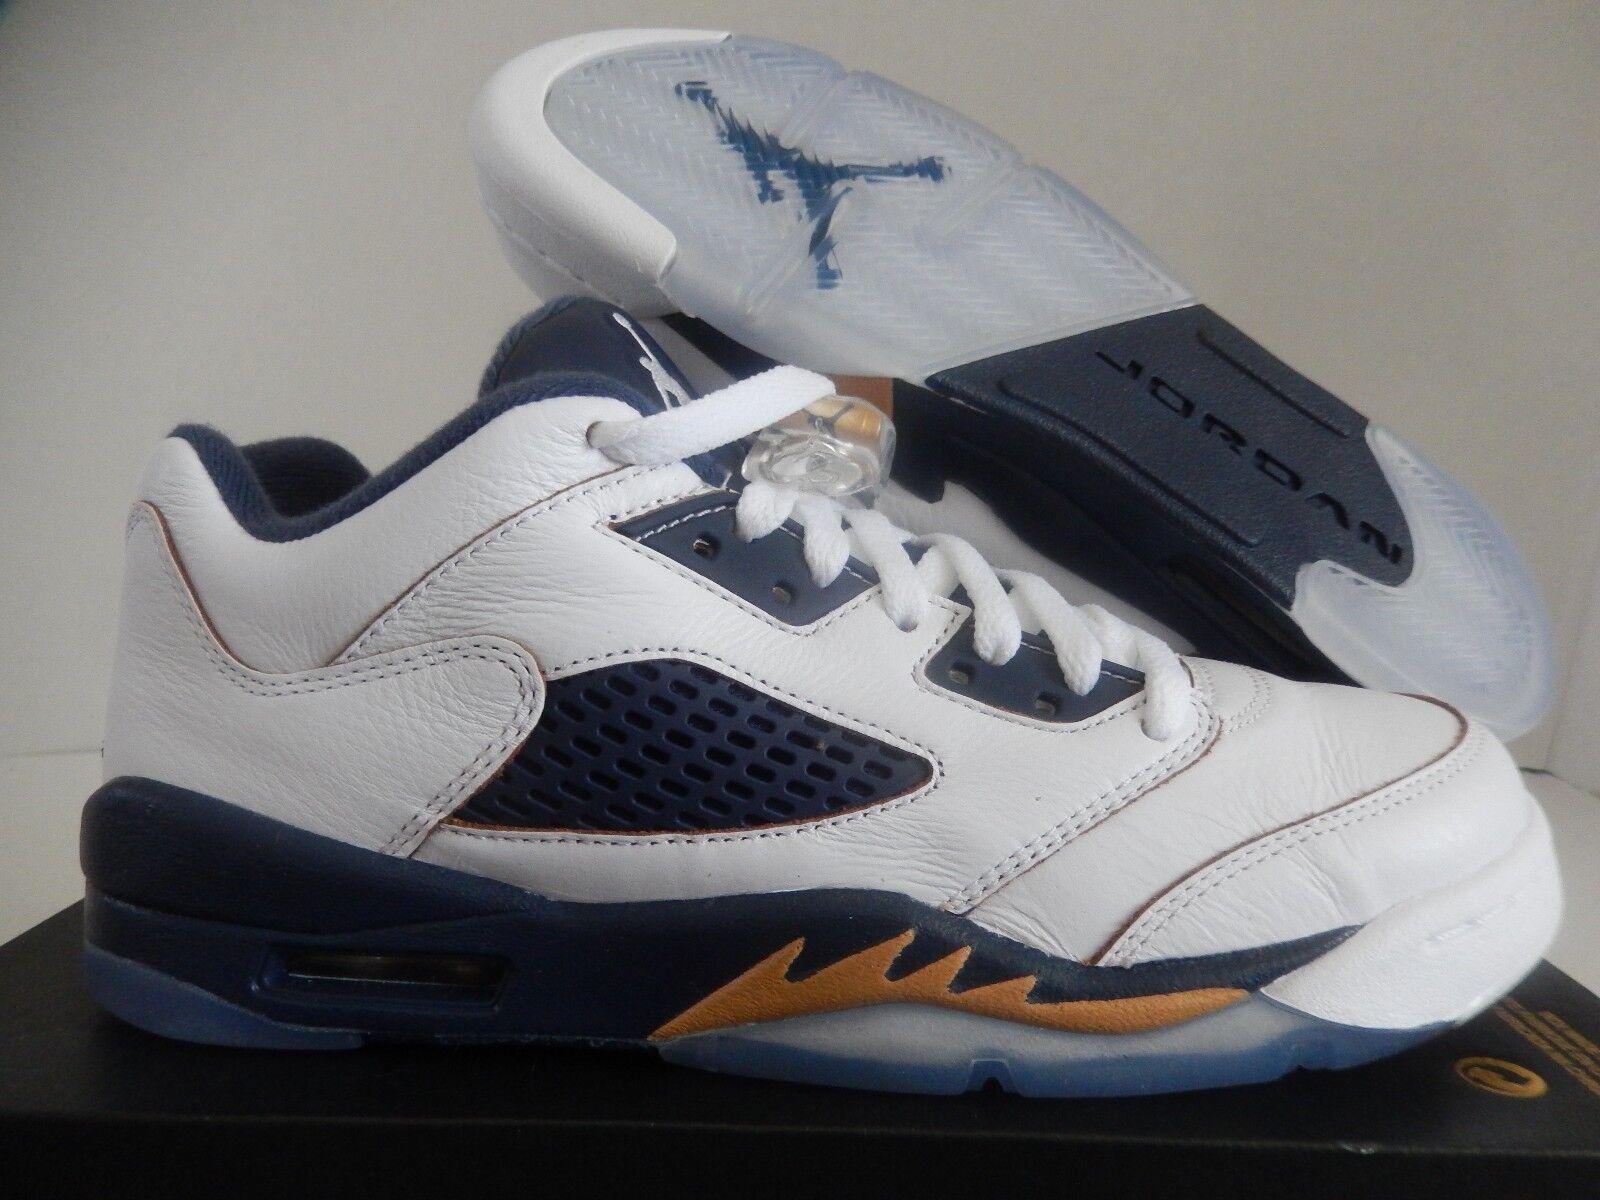 Nike Air Jordan 5 Retro Bajo (GS) (GS) (GS) Dunk desde arriba Talla 7Y-Mujeres Talla 8.5  comprar mejor